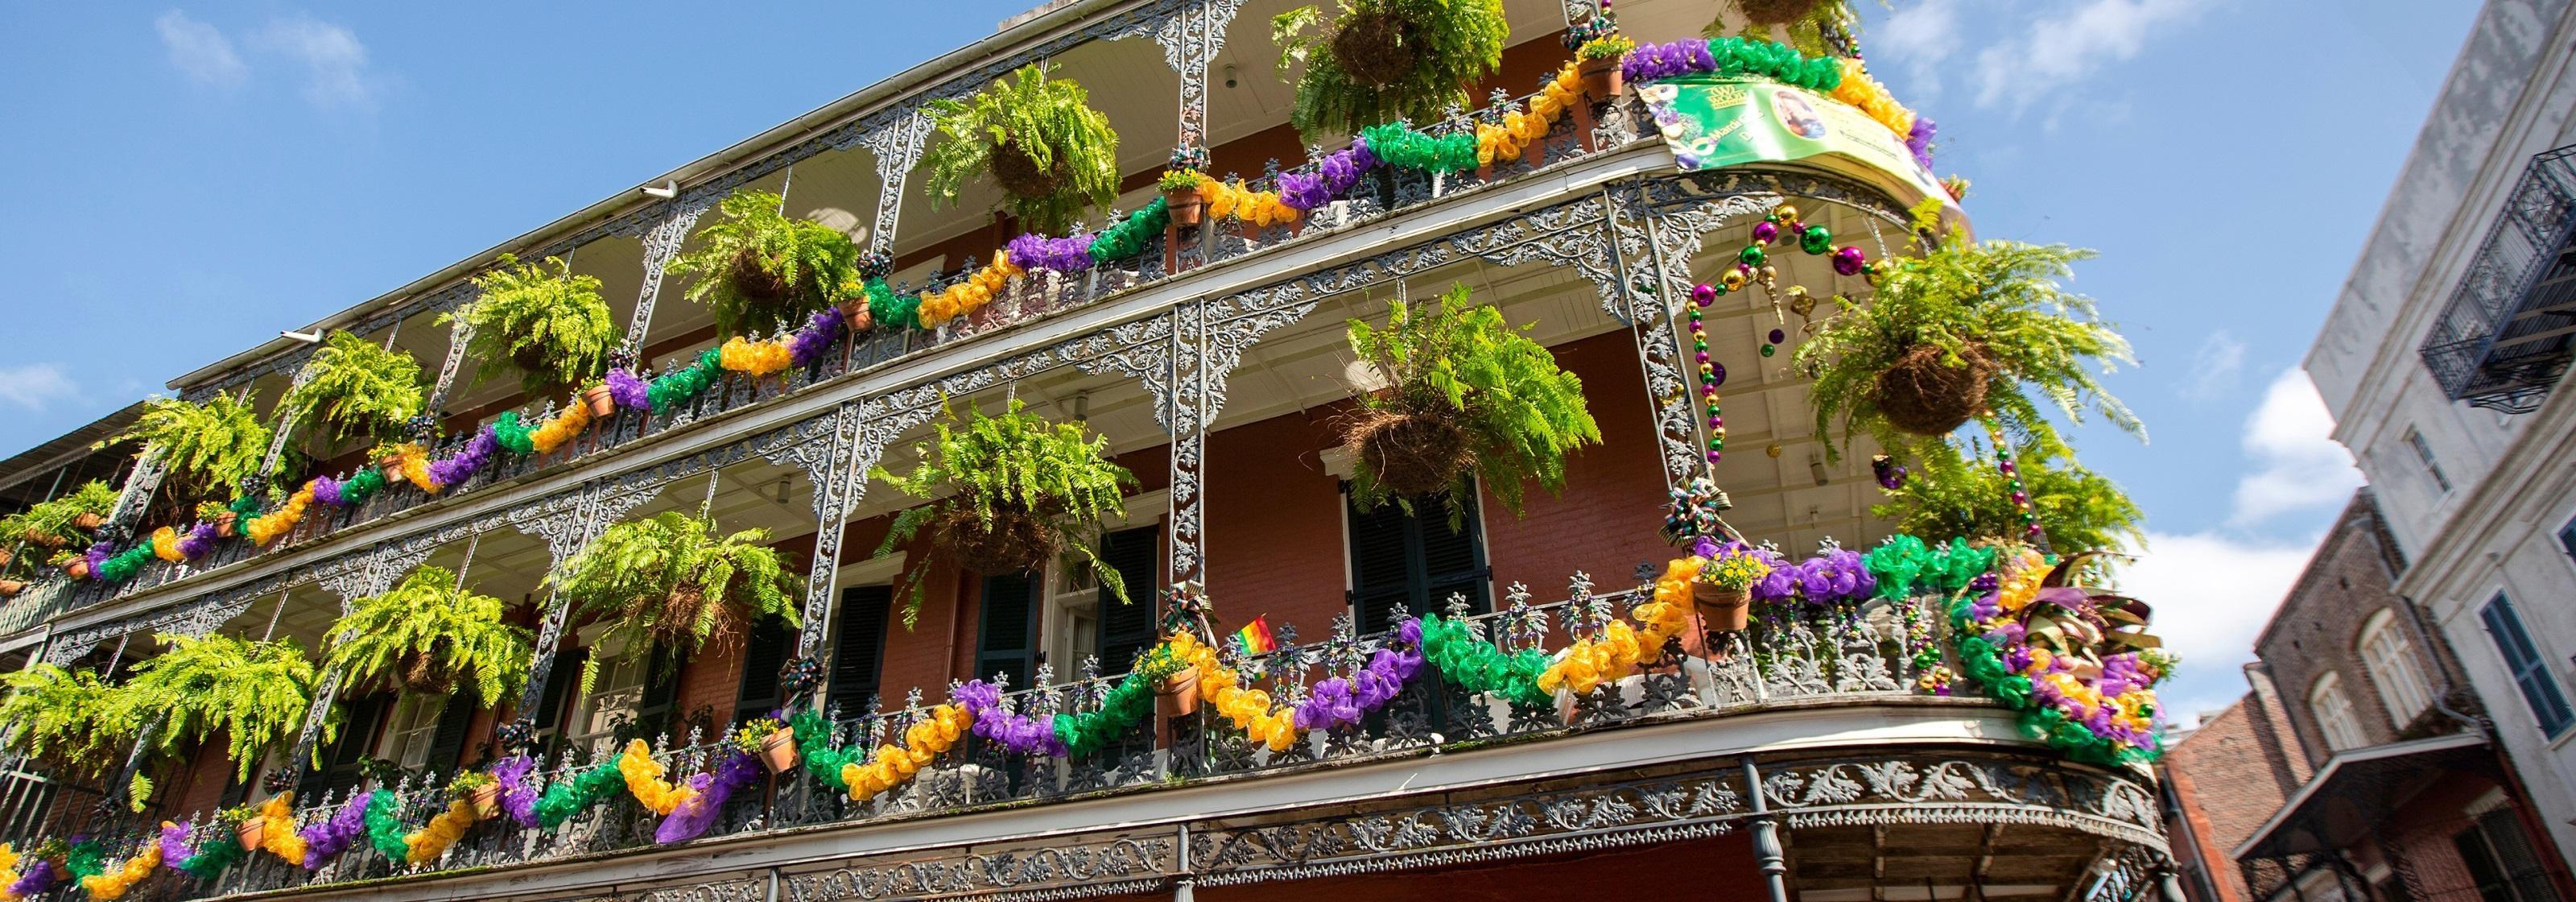 Choses à faire à Nouvelle-Orléans